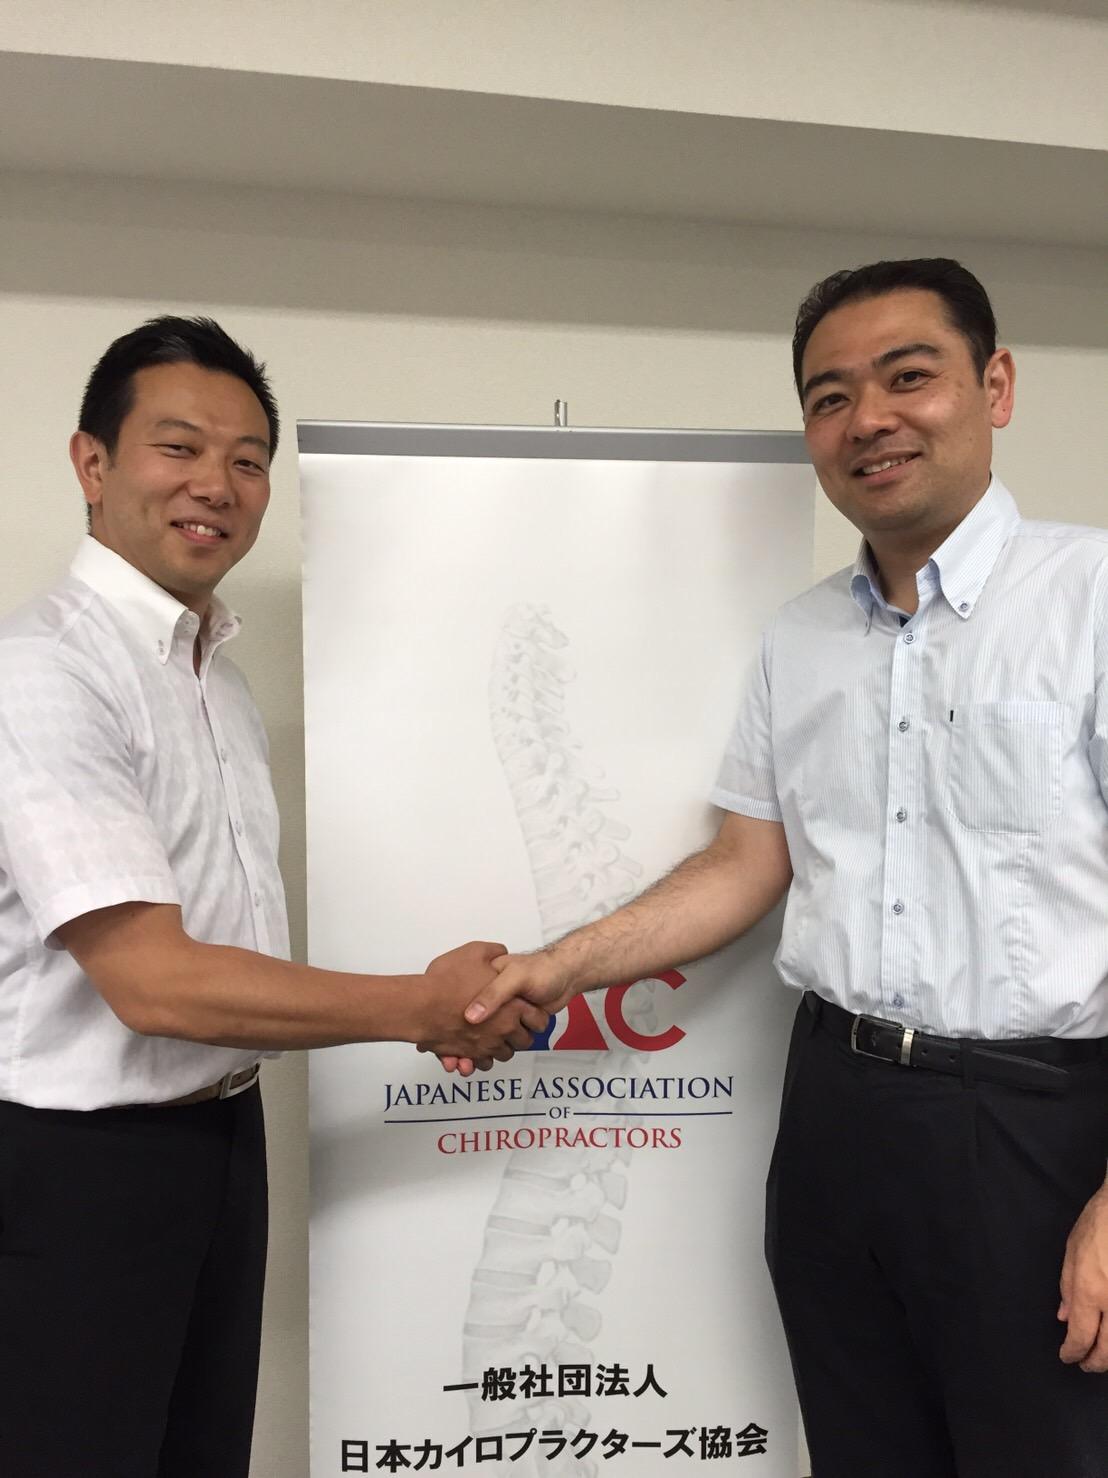 セミナー講師 竹谷内克彰先生と記念撮影